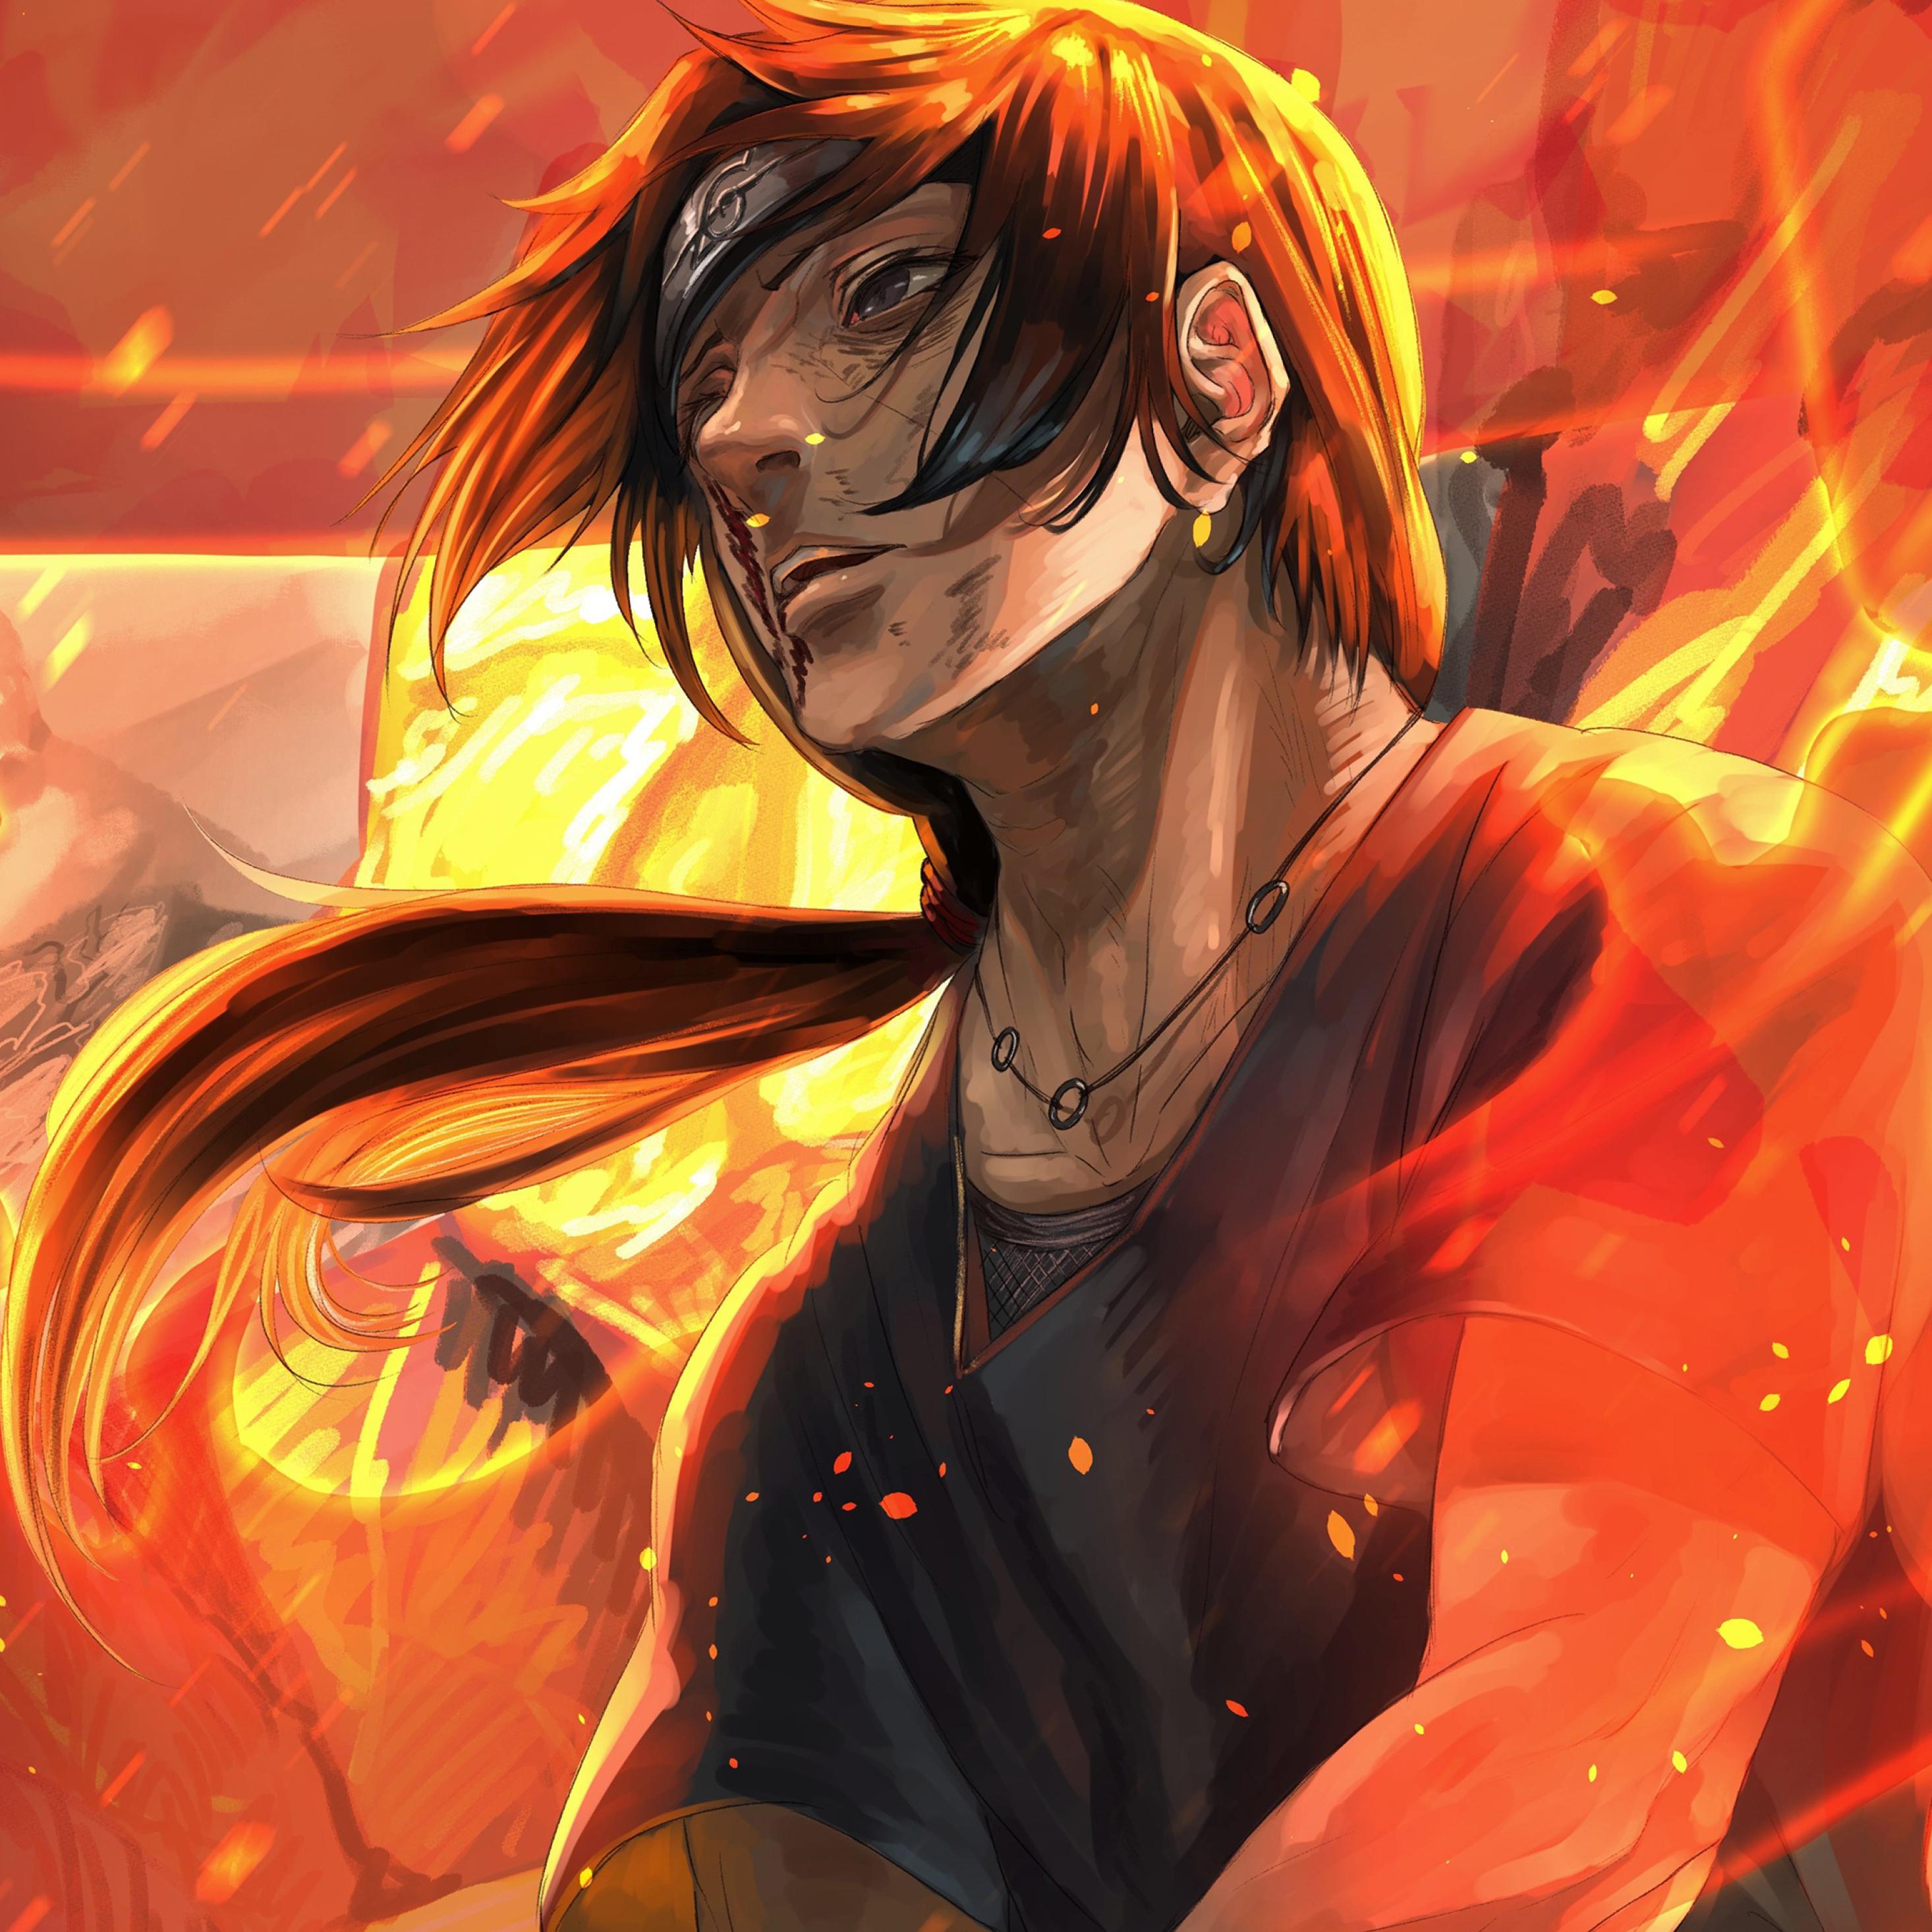 2932x2932 Naruto Fire Art Ipad Pro Retina Display ...